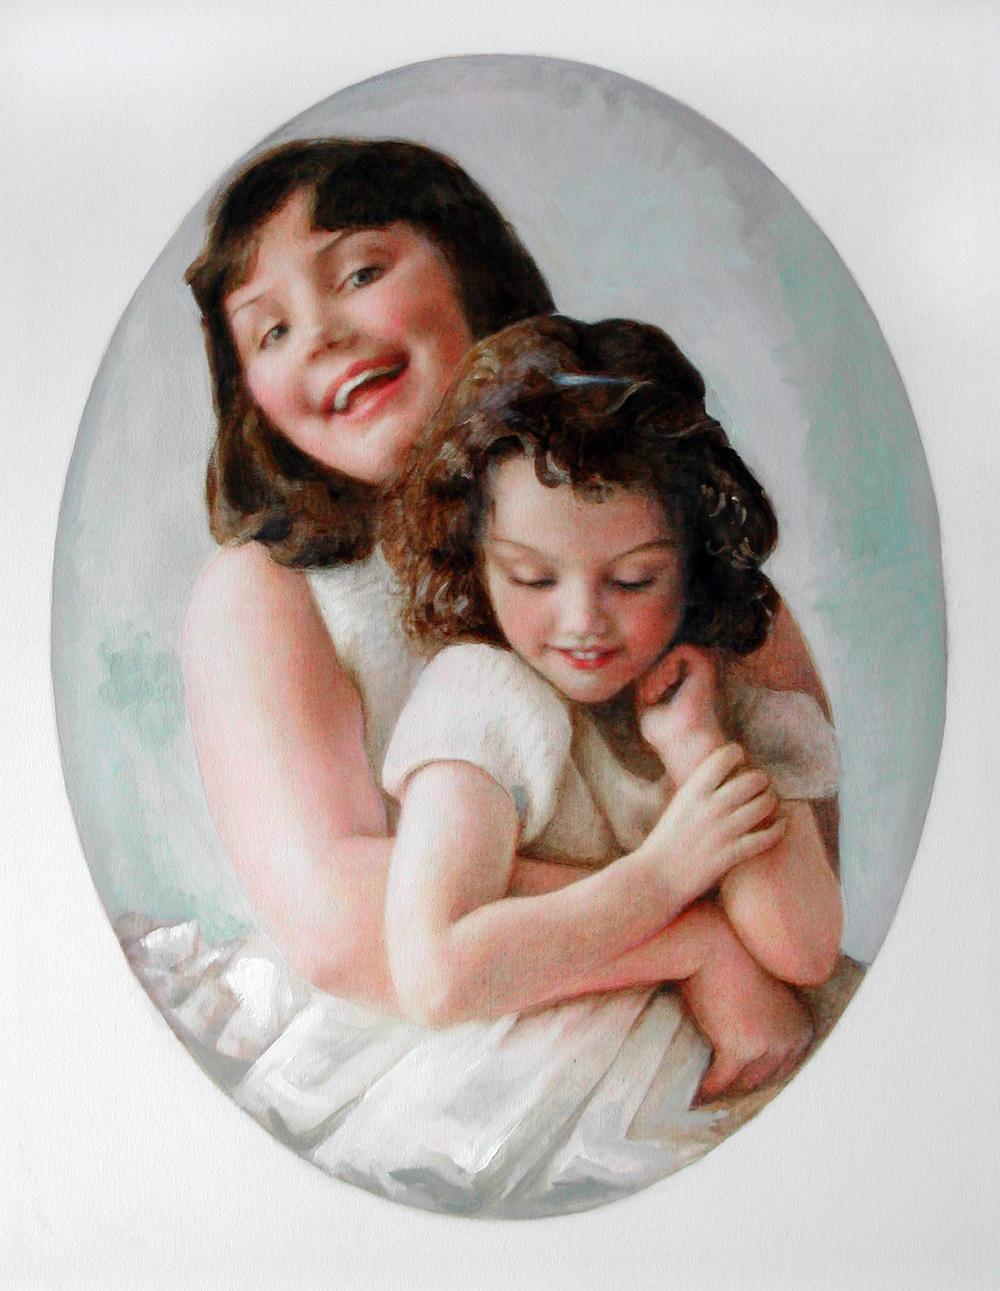 Sisters 24x30 2 copy.jpg